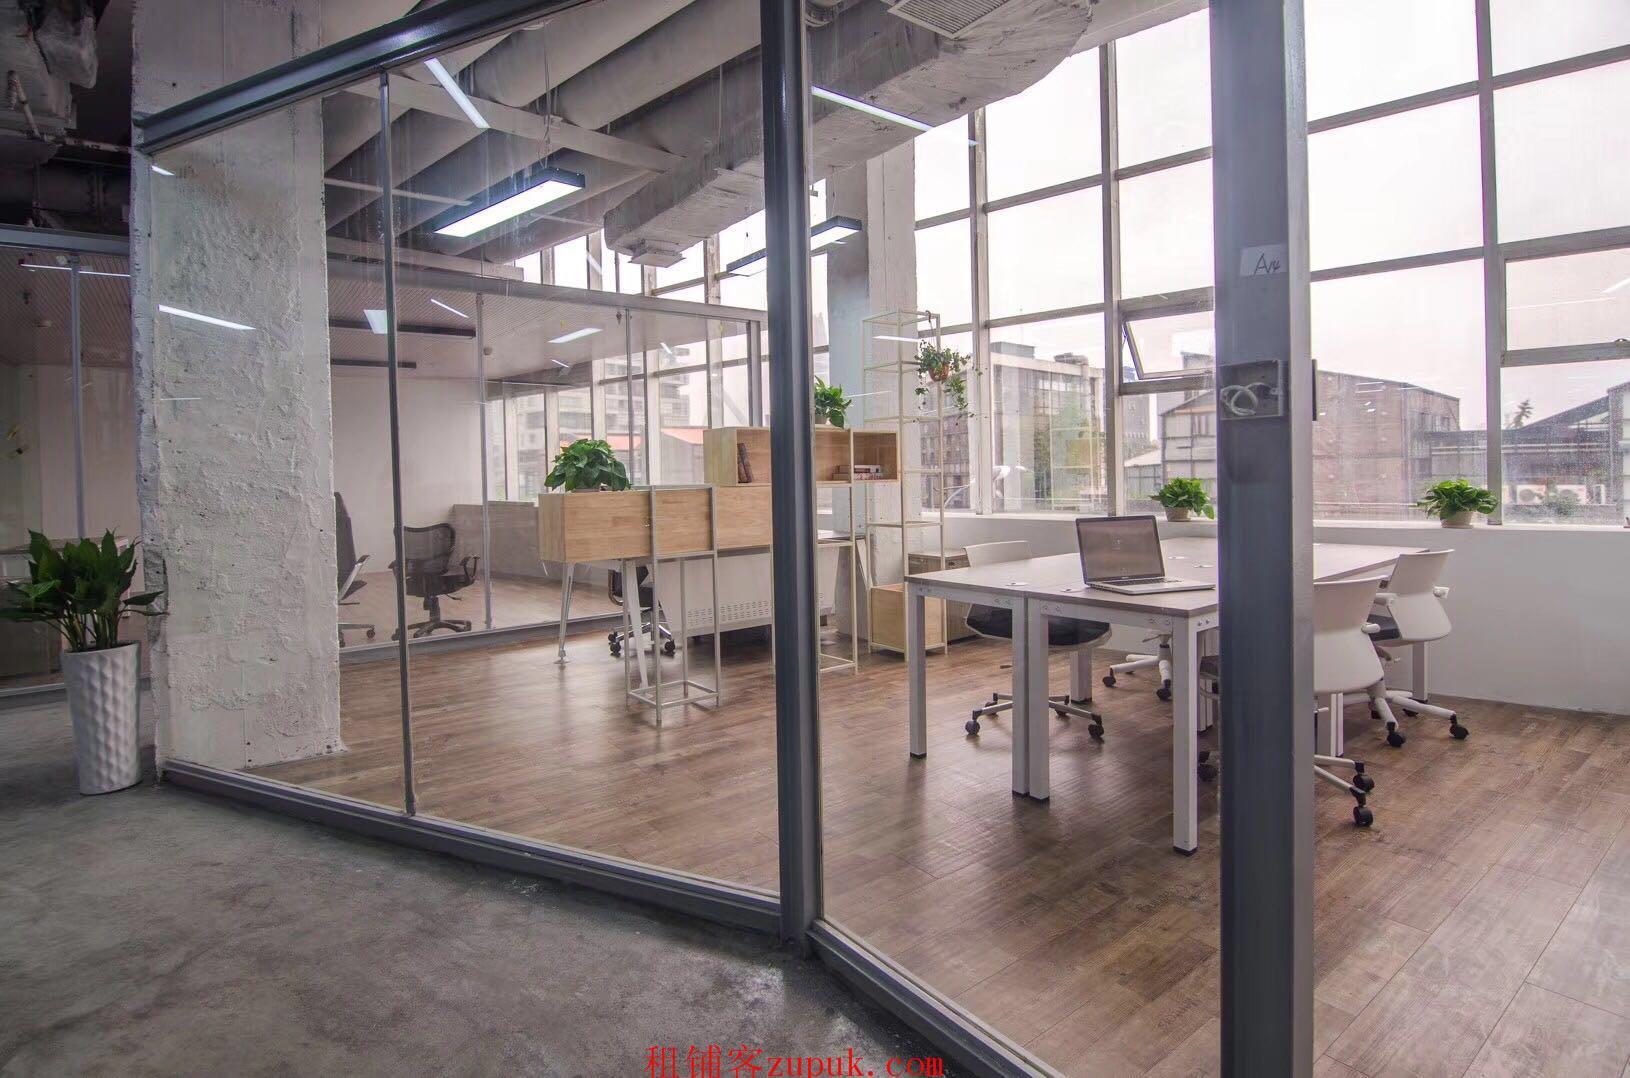 上上班文创硅谷工位招租